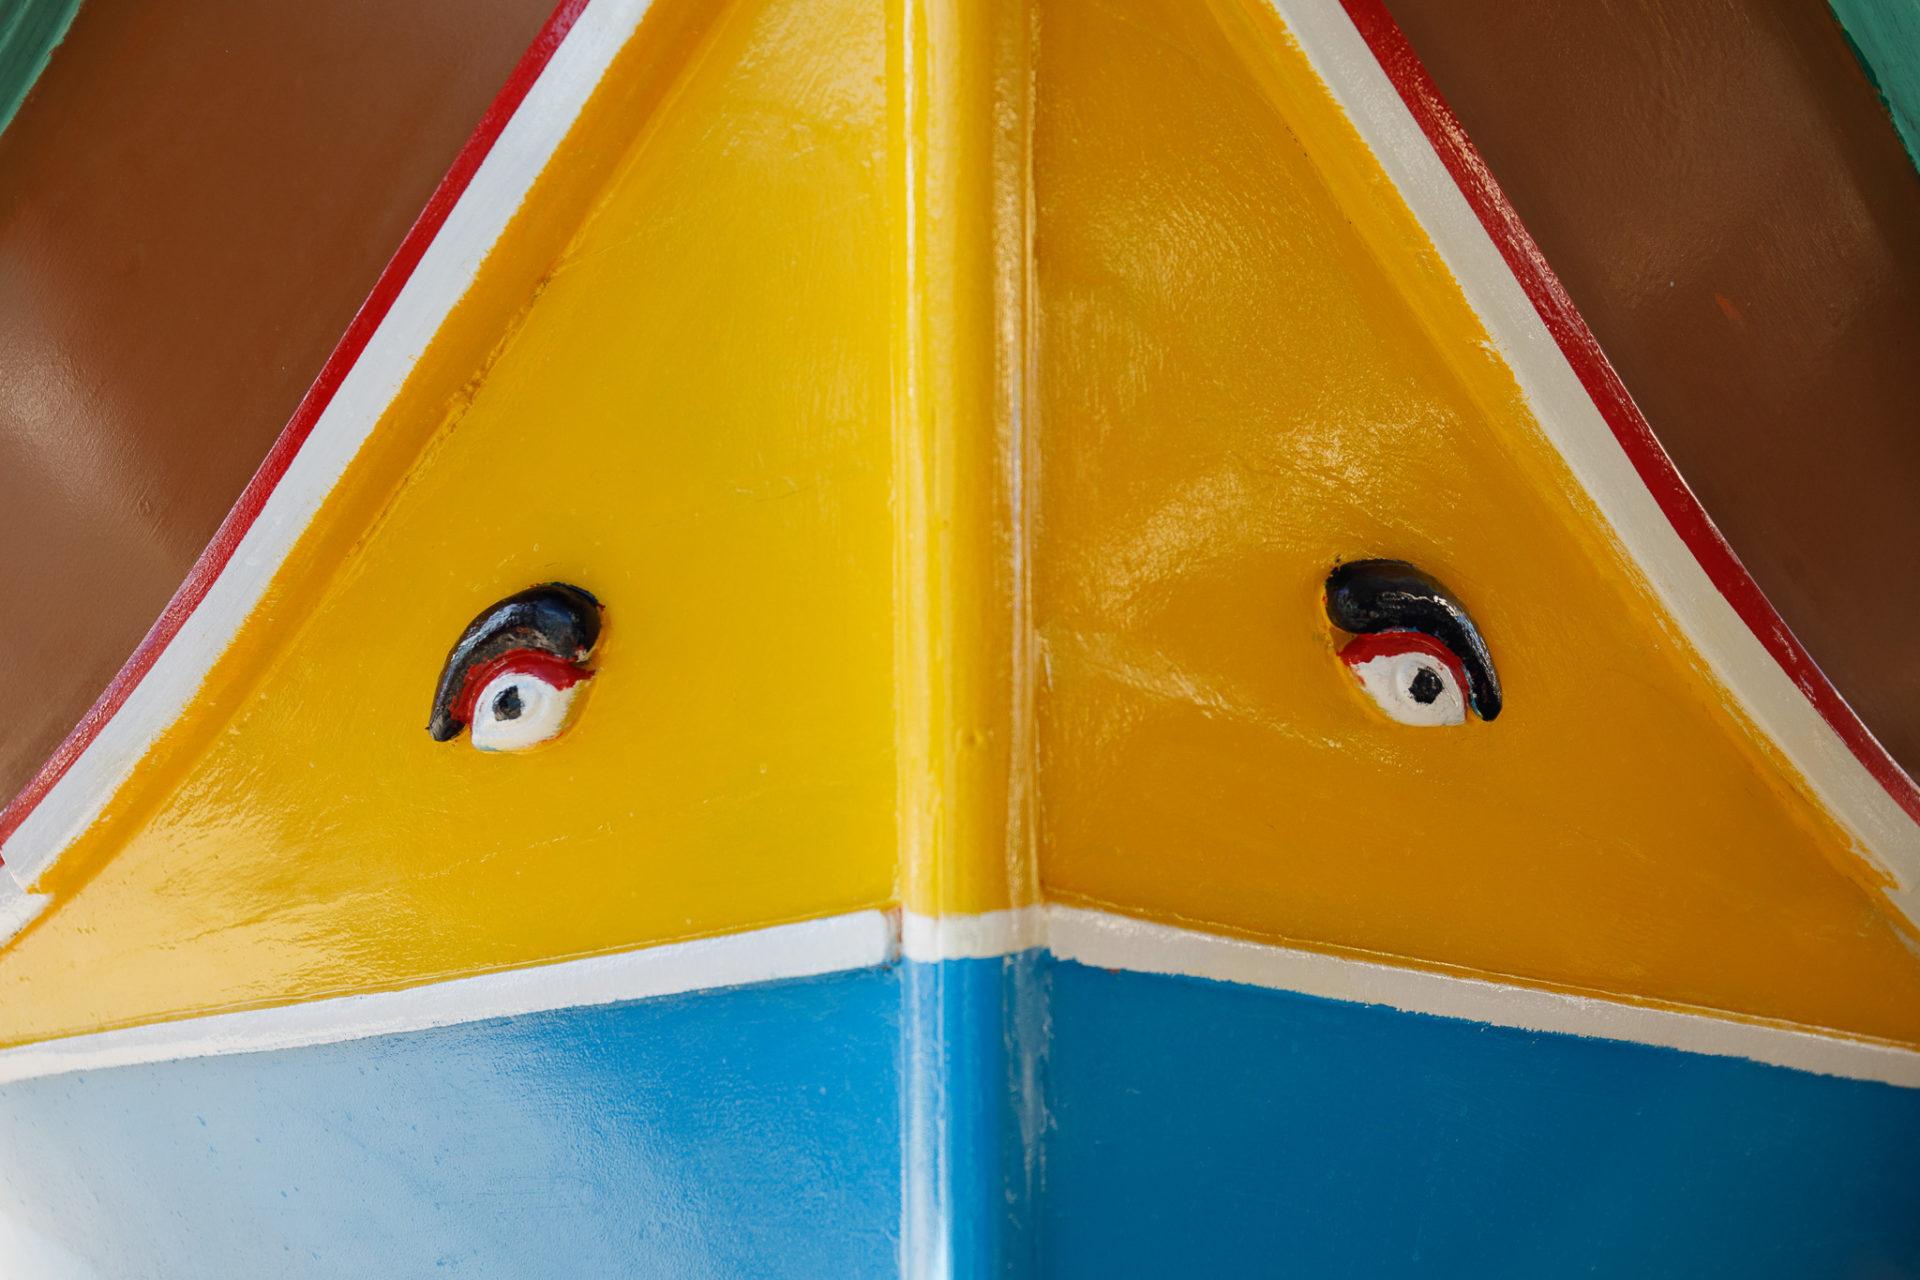 La città storica di Marsaxlokk nell'isola di Malta, famosa per le sue barche di pescatori colorate.